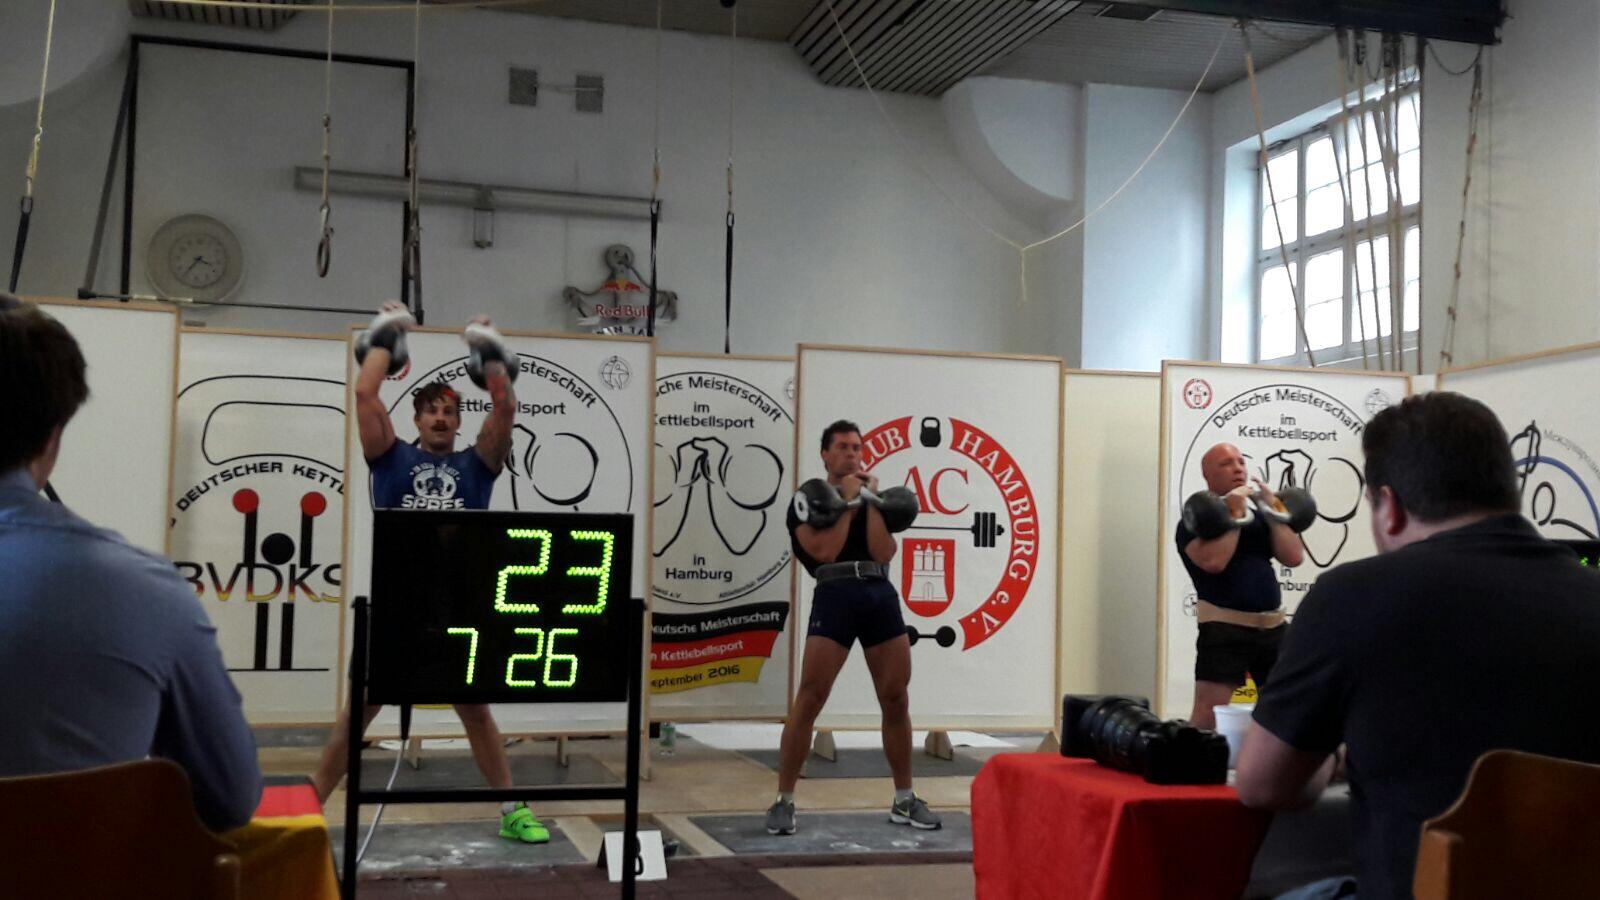 Deutsche Kettlebell Meisterschaft 2016 in Hamburg. Links Johannes Kwella aus Berlin.